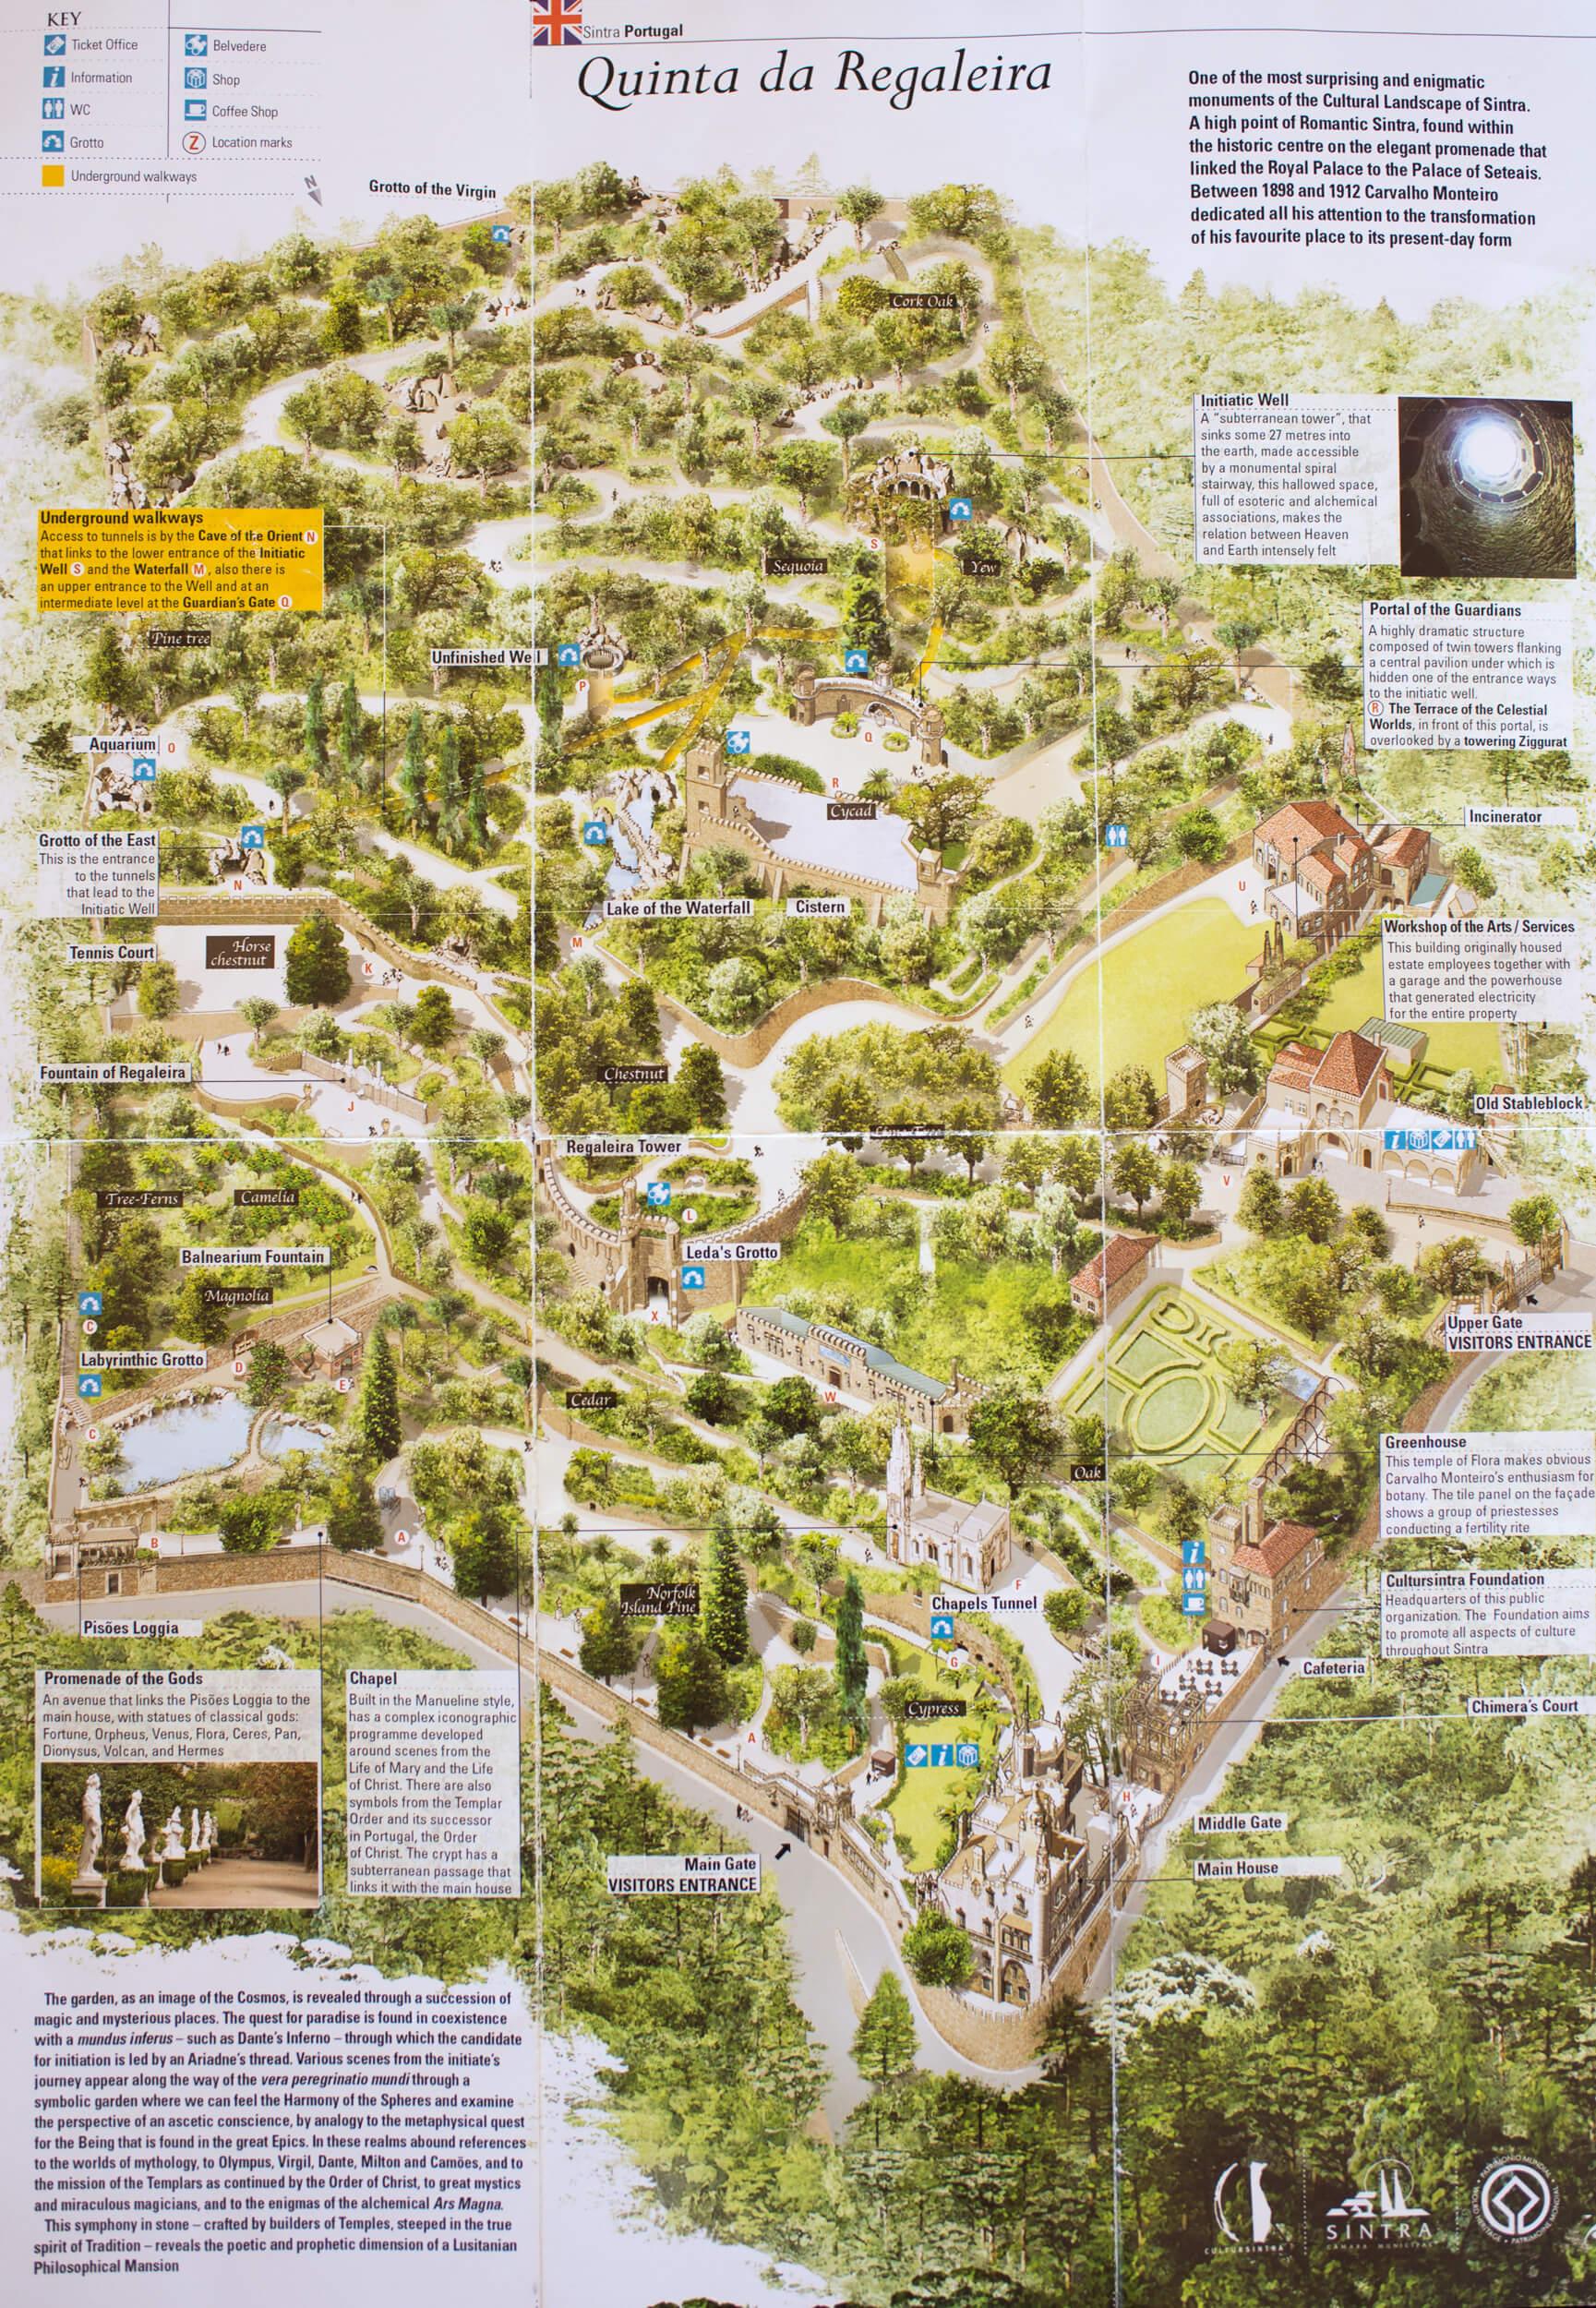 quinta da regaleira mapa Mityczny mistycyzm   Quinta da Regaleira, Sintra   Duże Podróże quinta da regaleira mapa